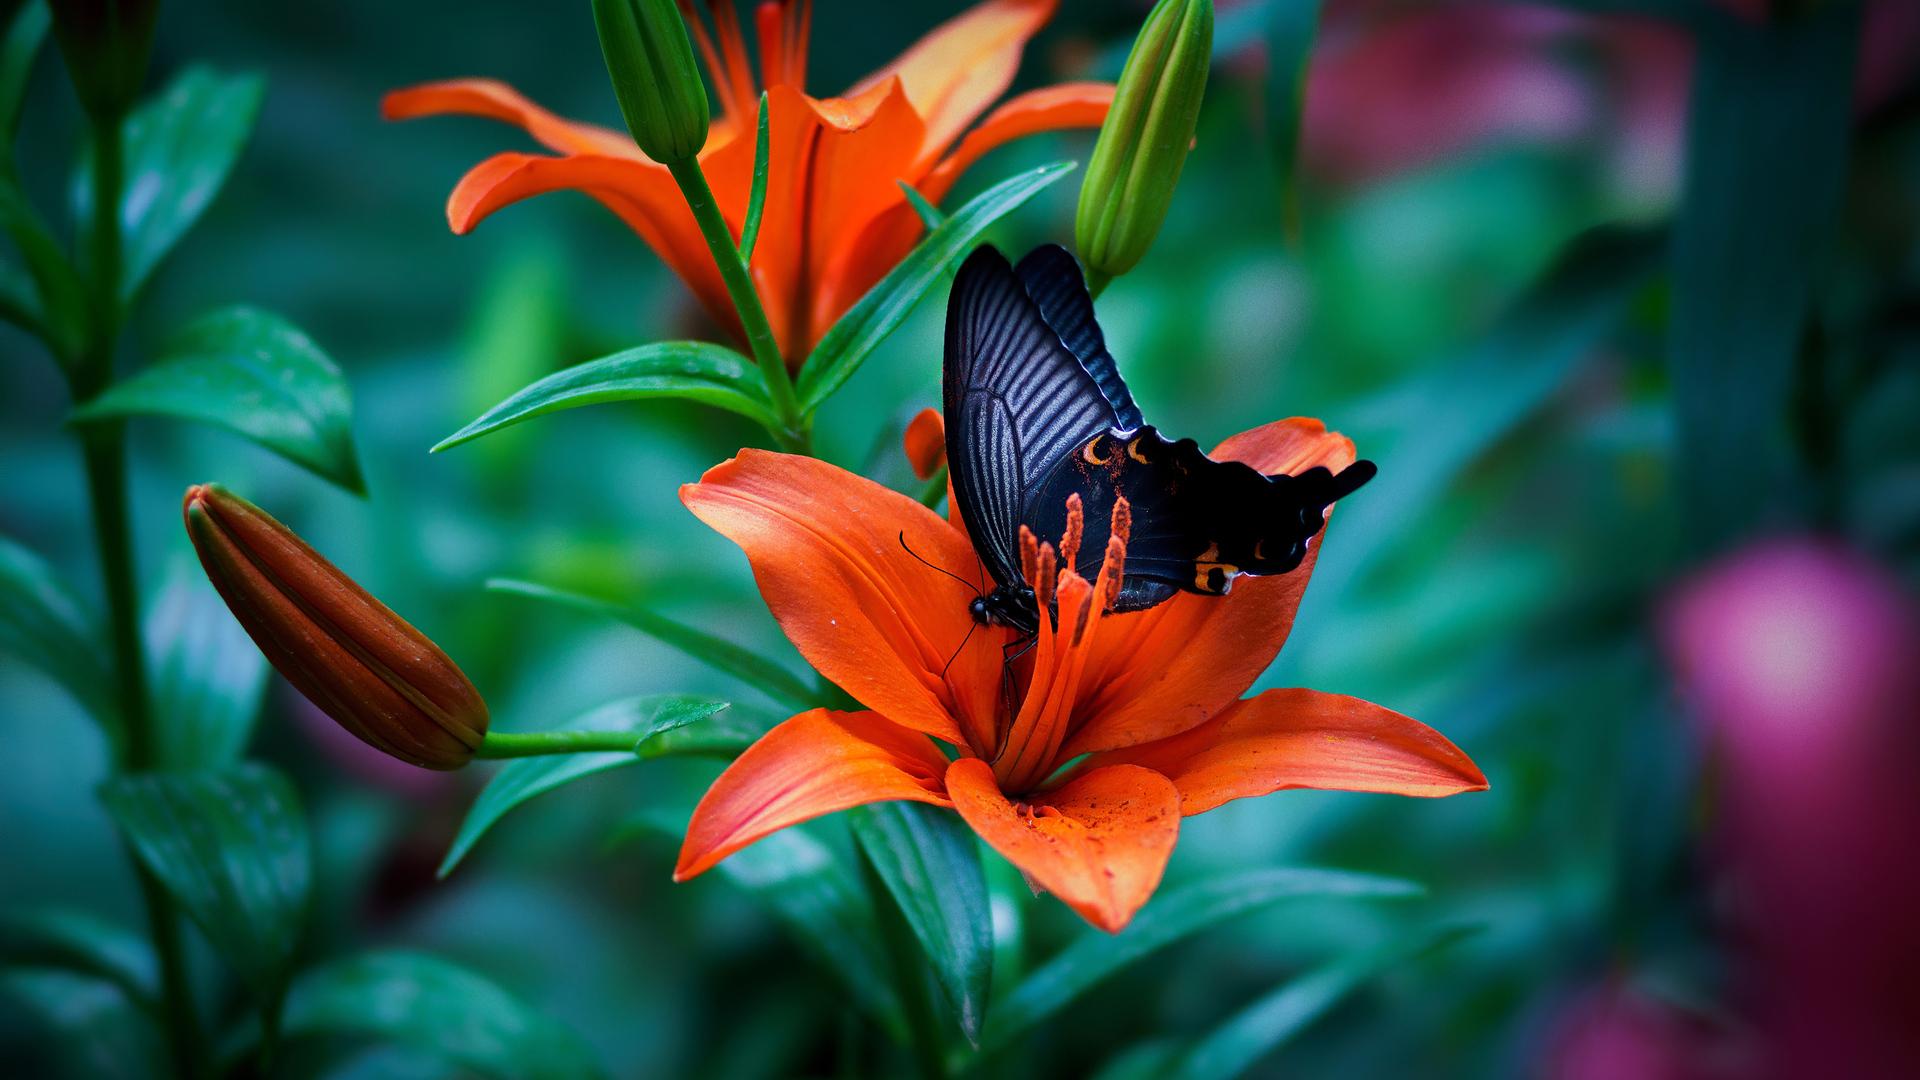 1920x1080 Butterfly Macro 4k Laptop Full HD 1080P HD 4k ...